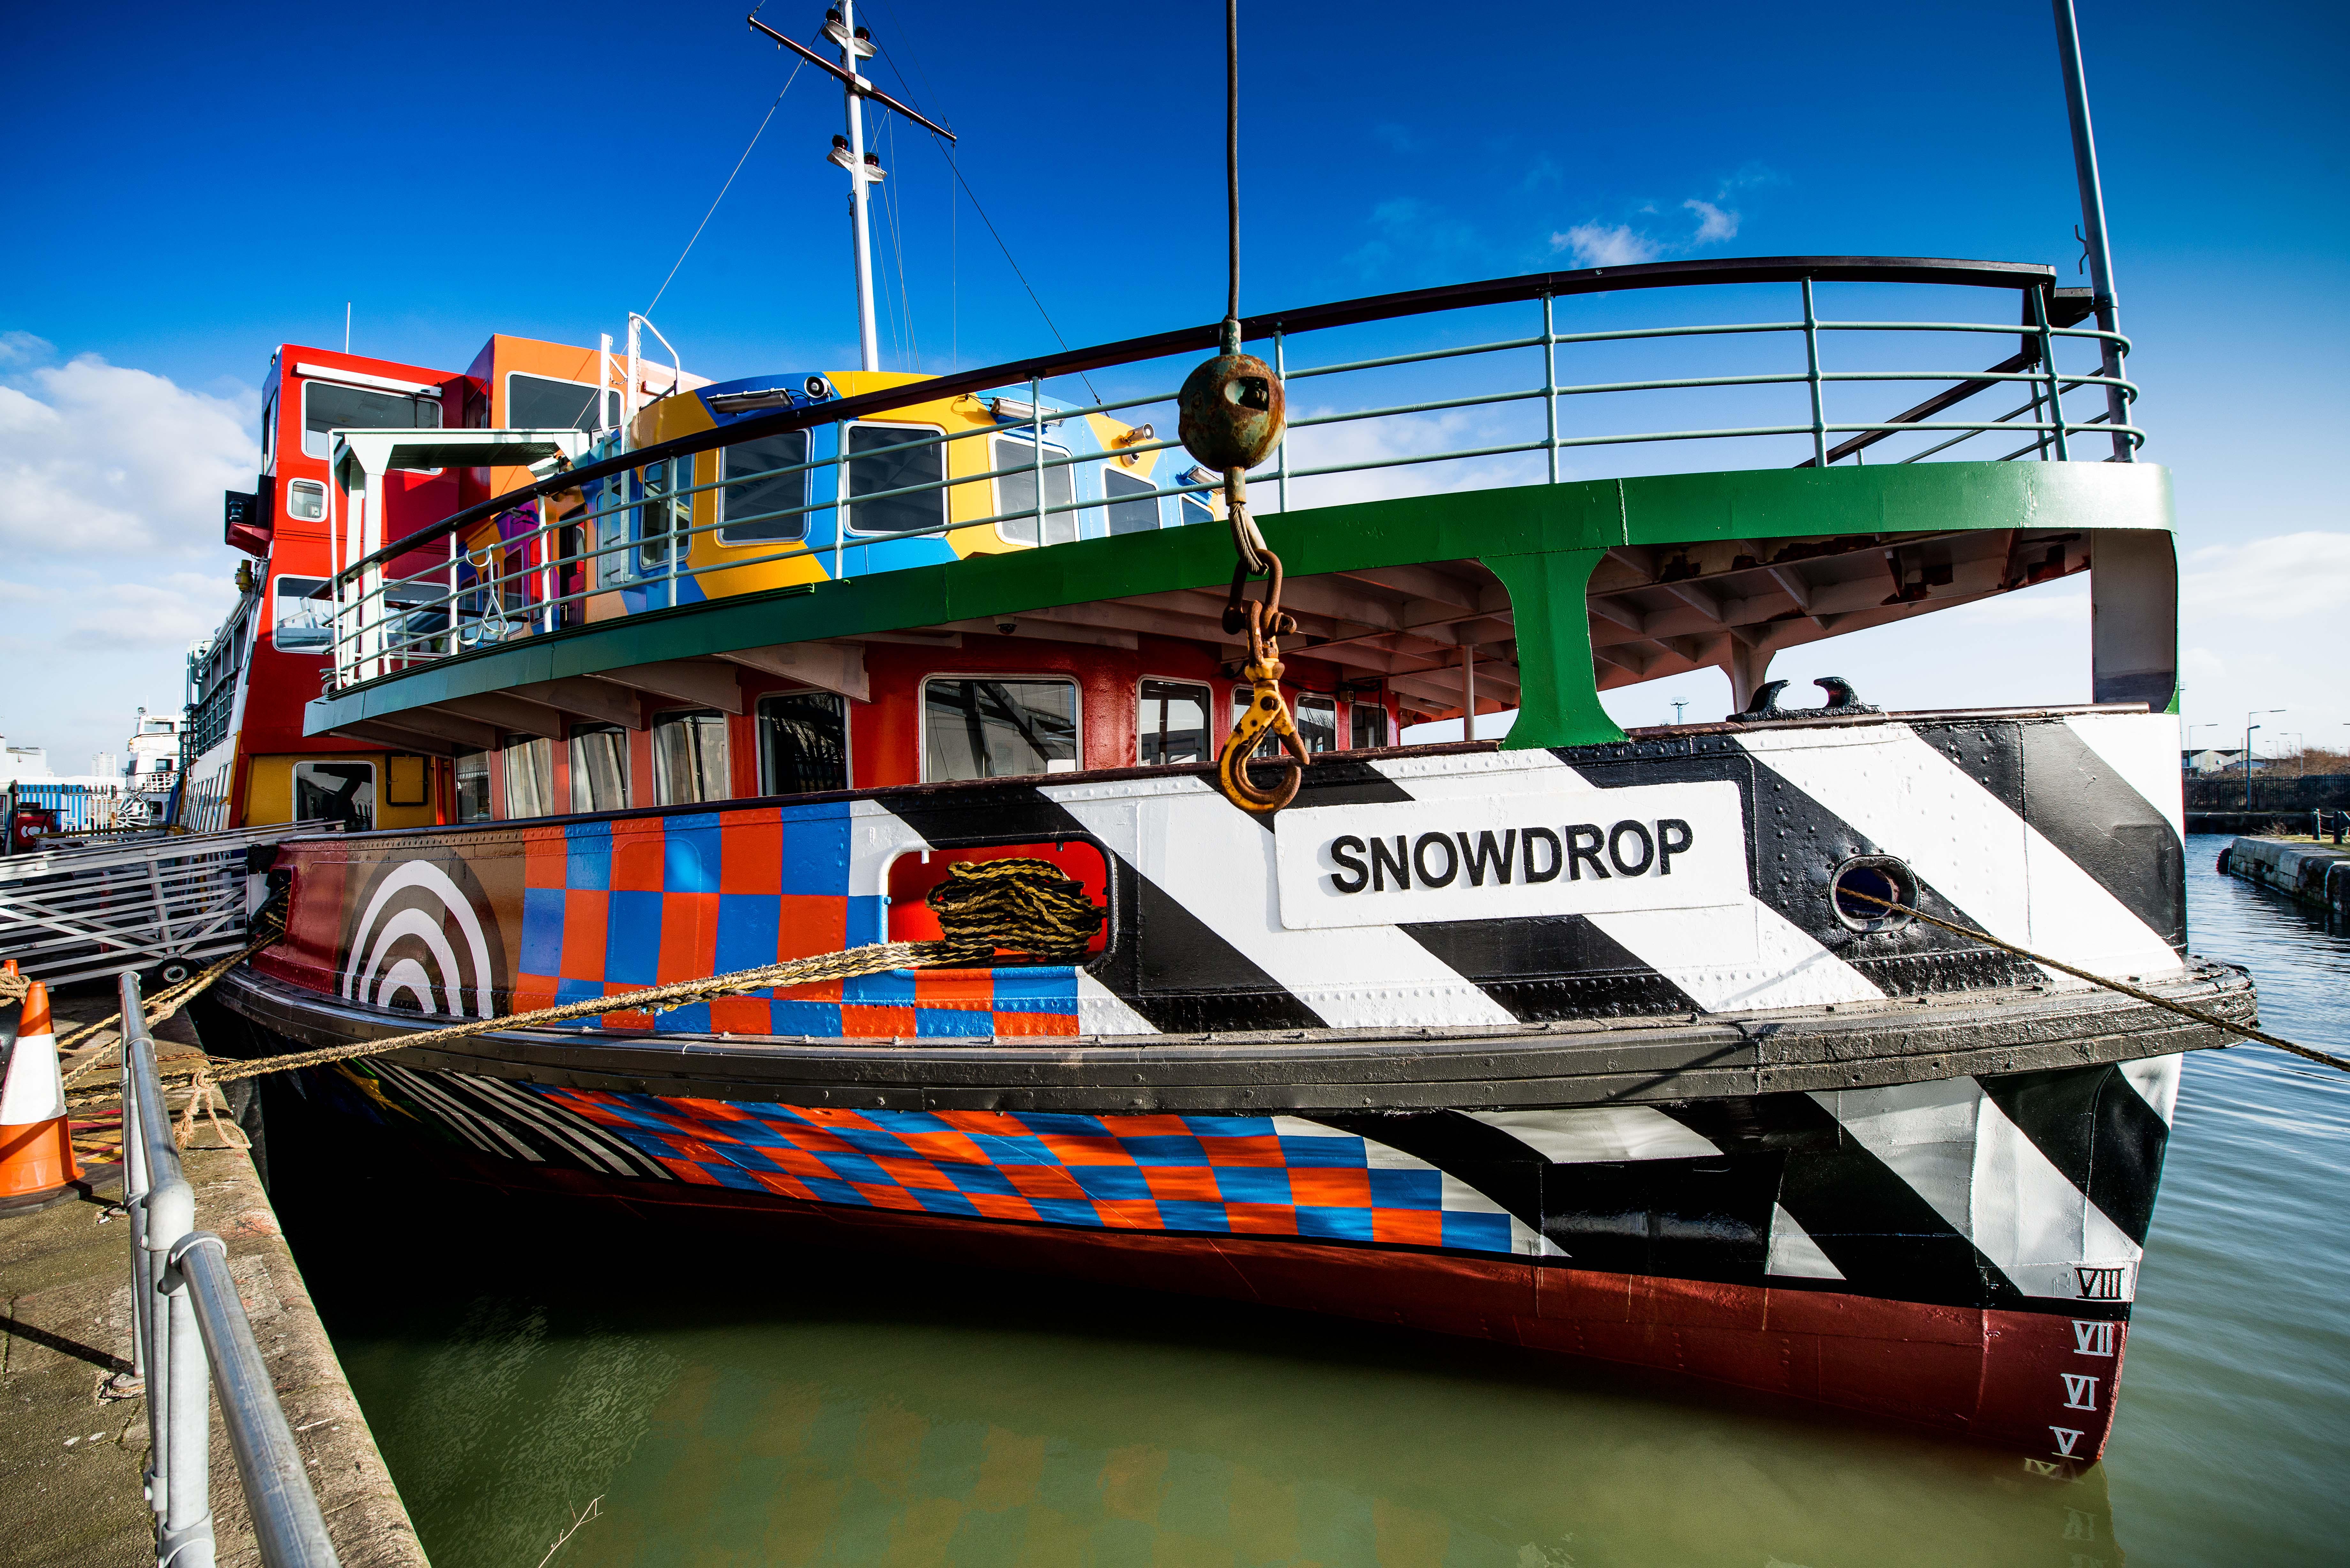 Dazzle Ship - Peter Blake